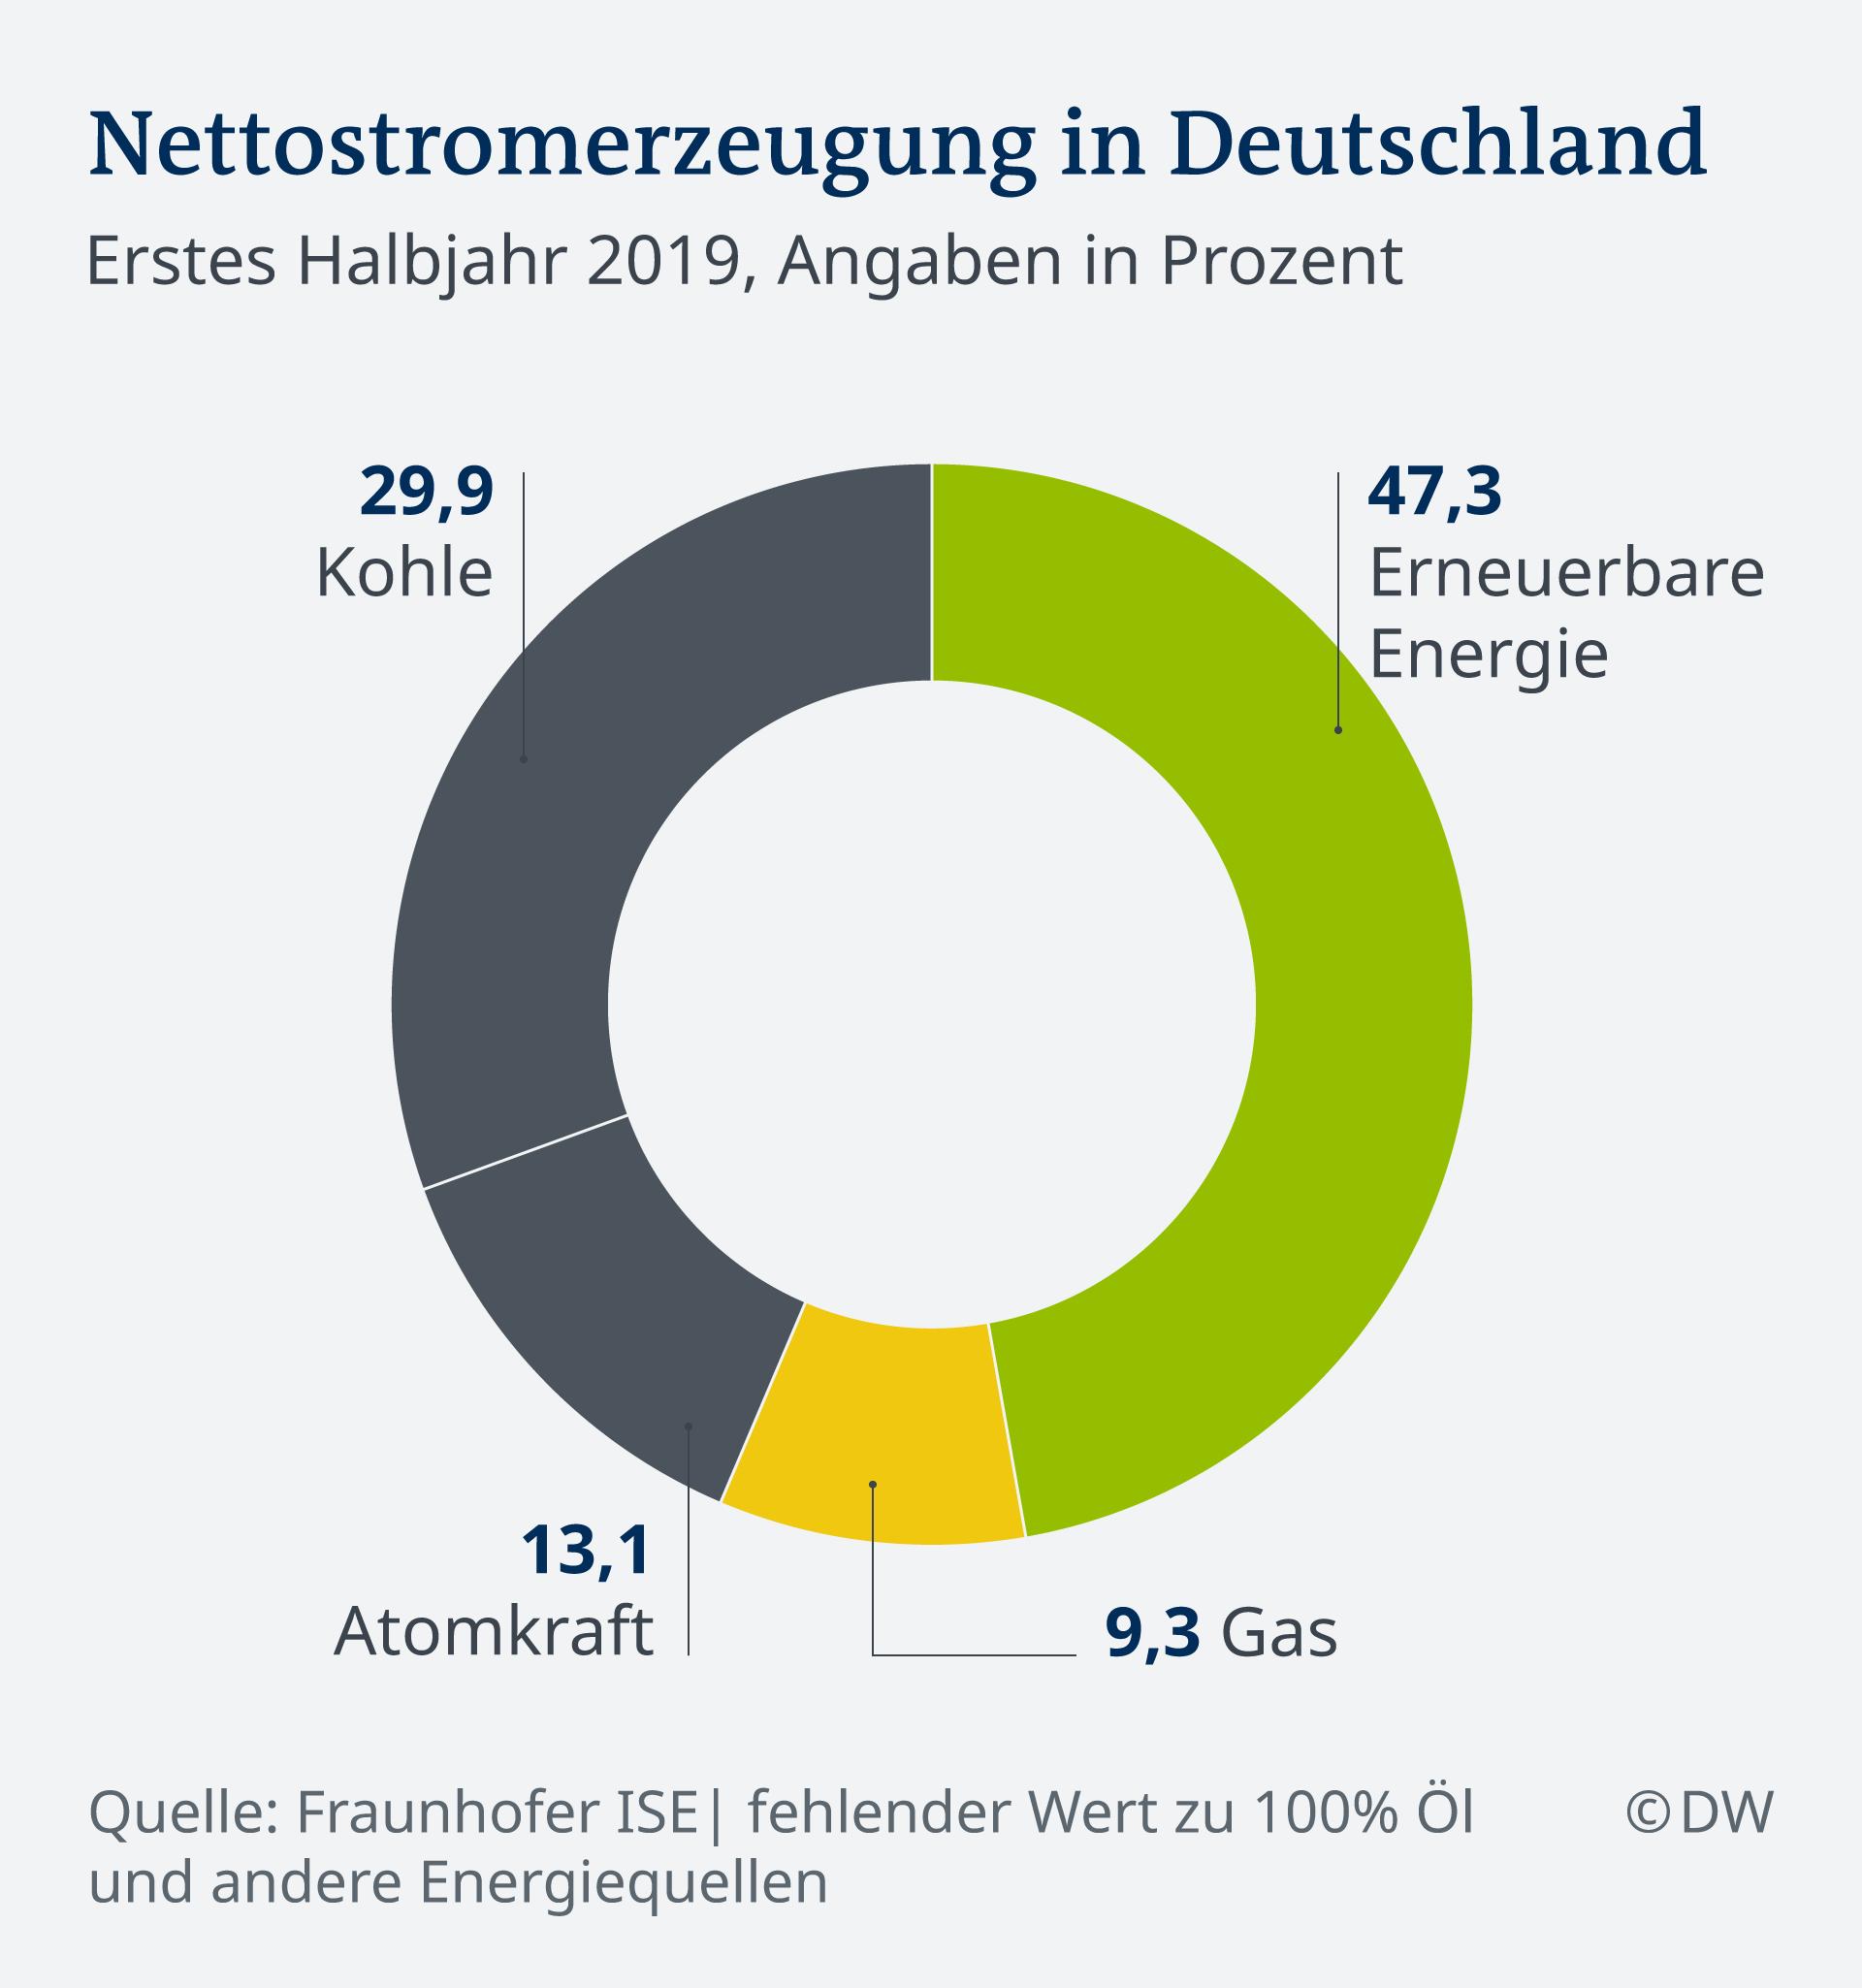 Anteil Erneuerbare Energien